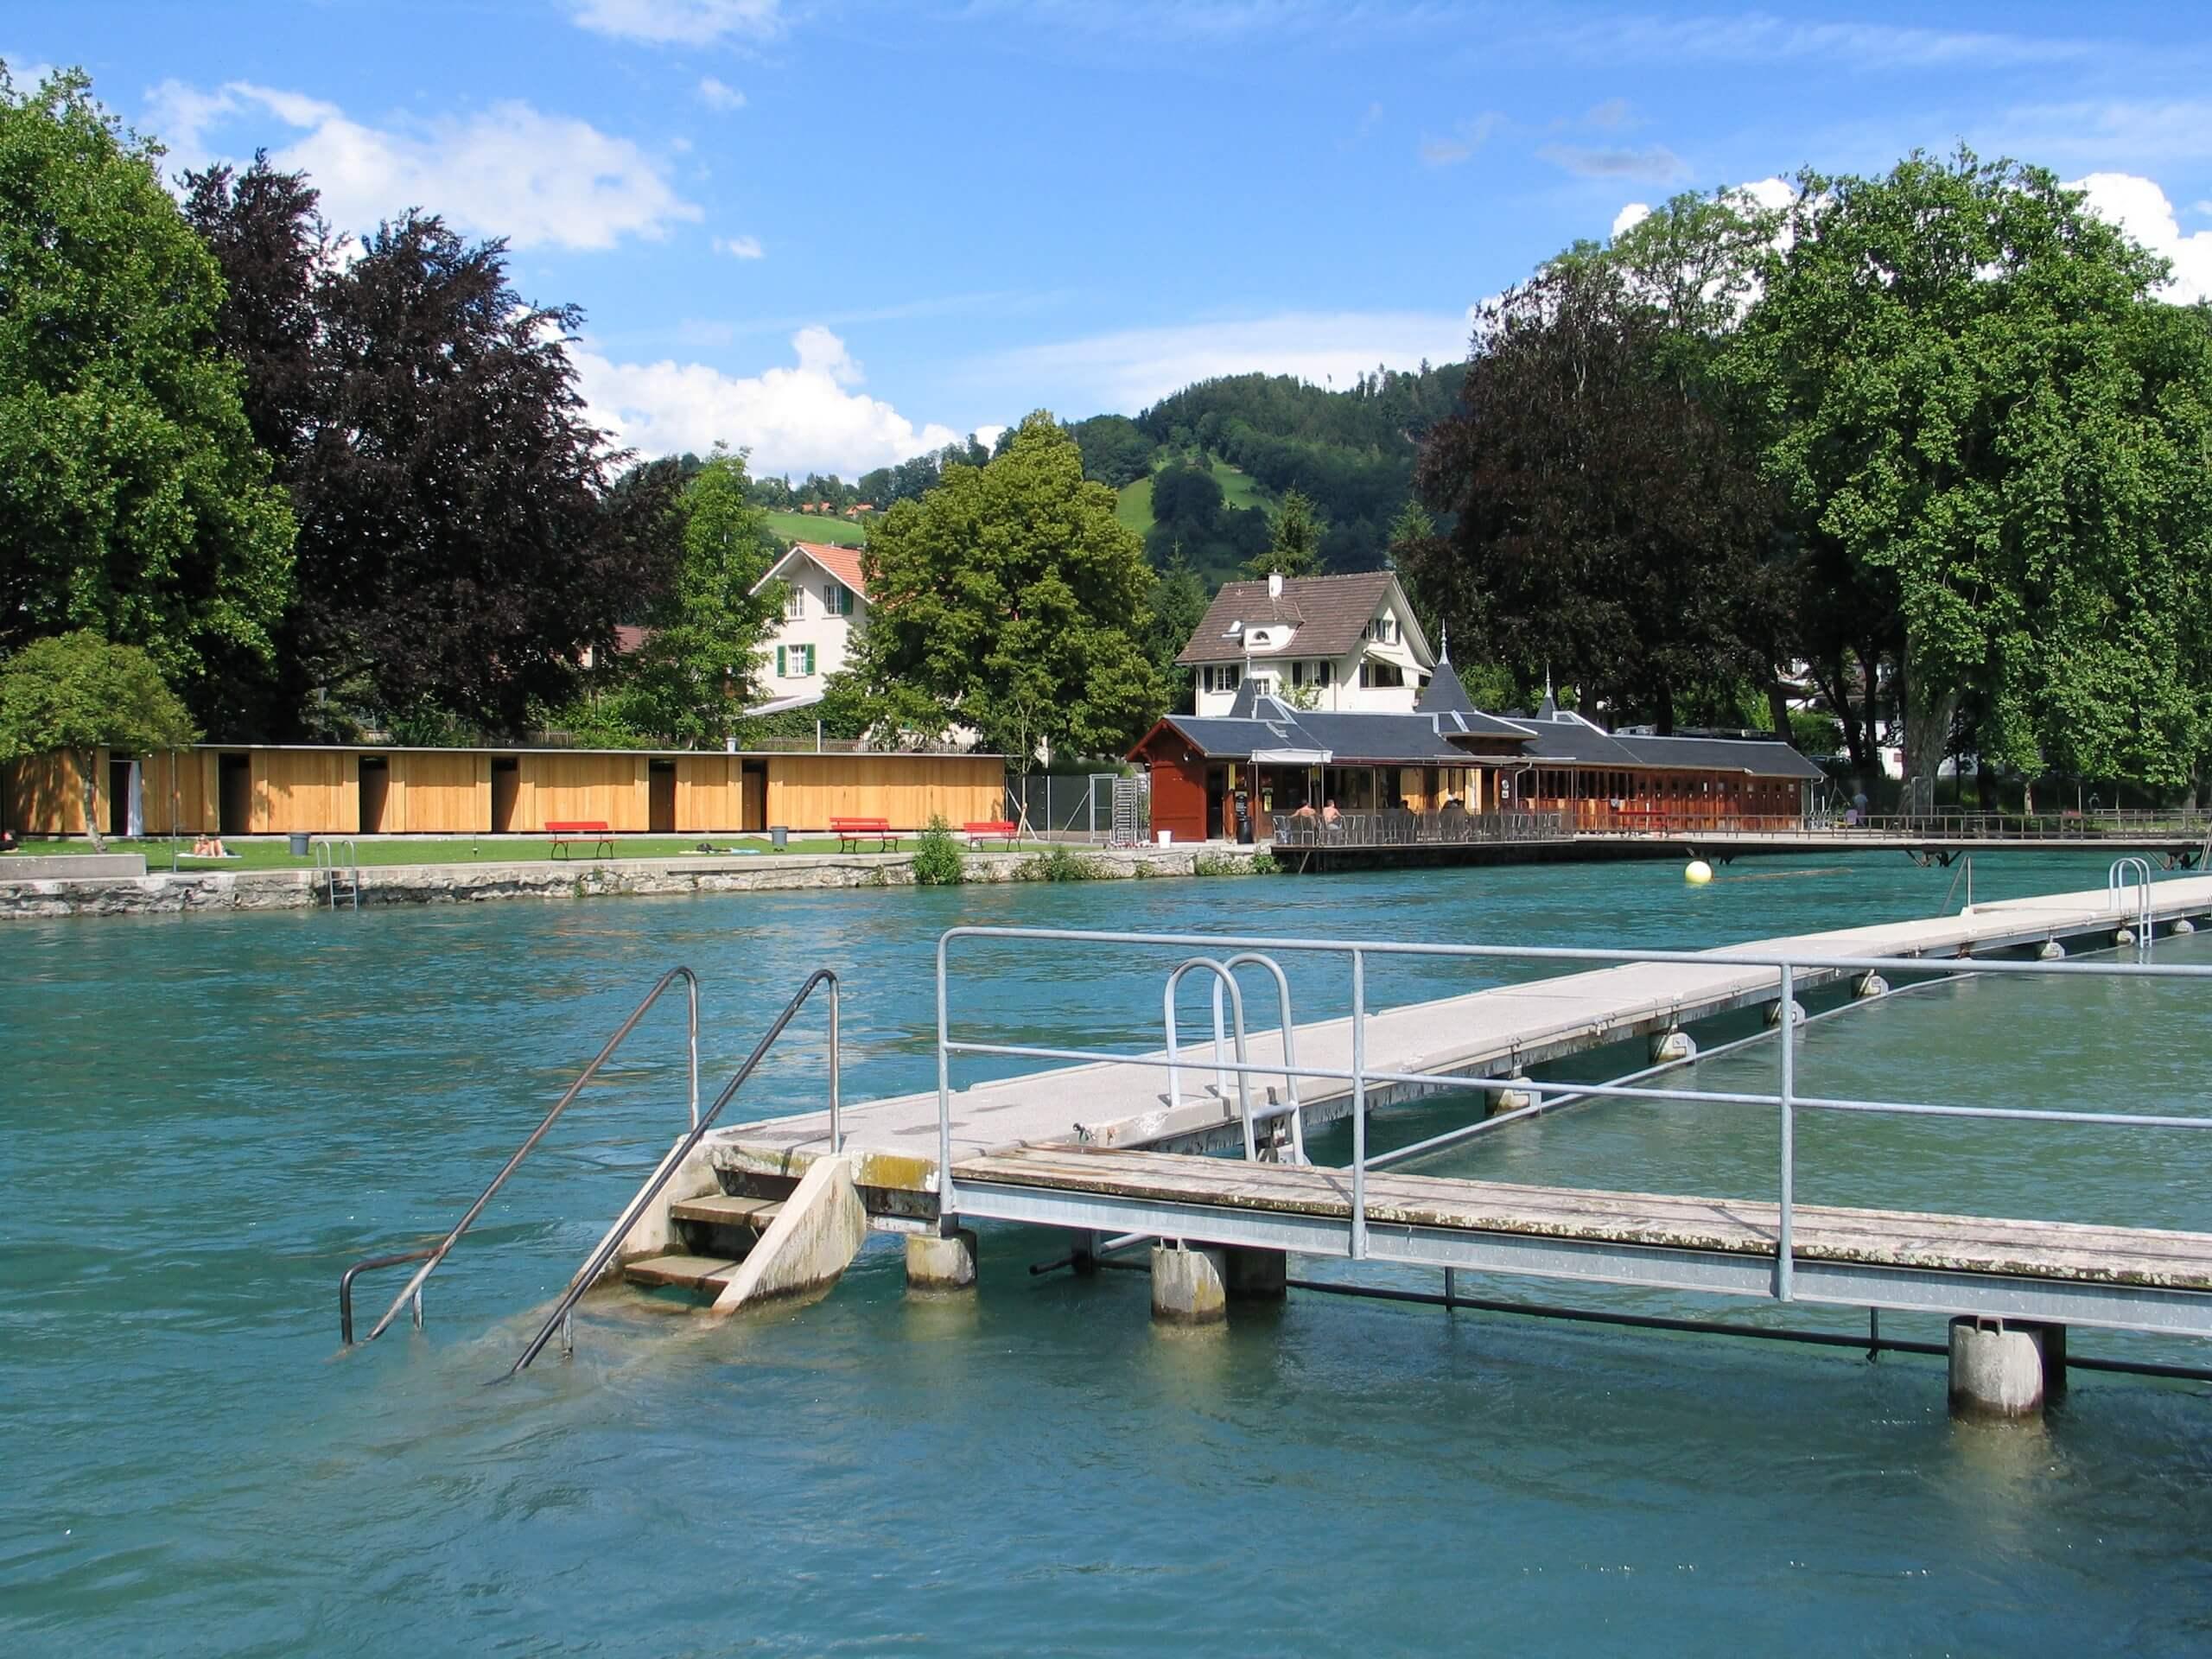 thun-schwaebis-flussbad-sommer-aare-erfrischung